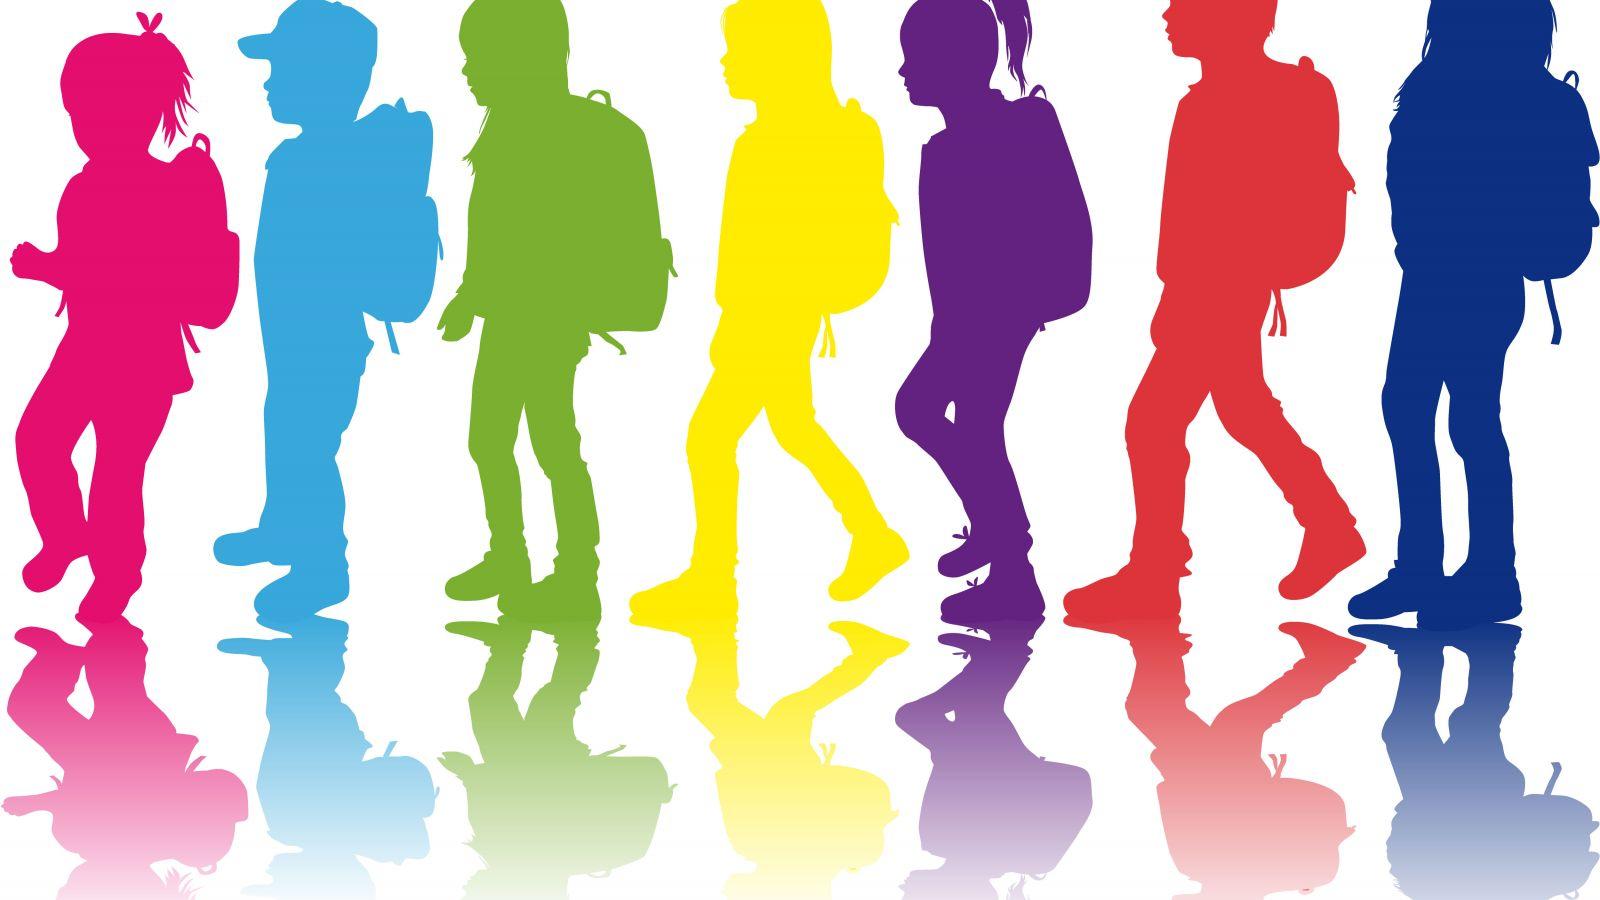 Silhoette of school children